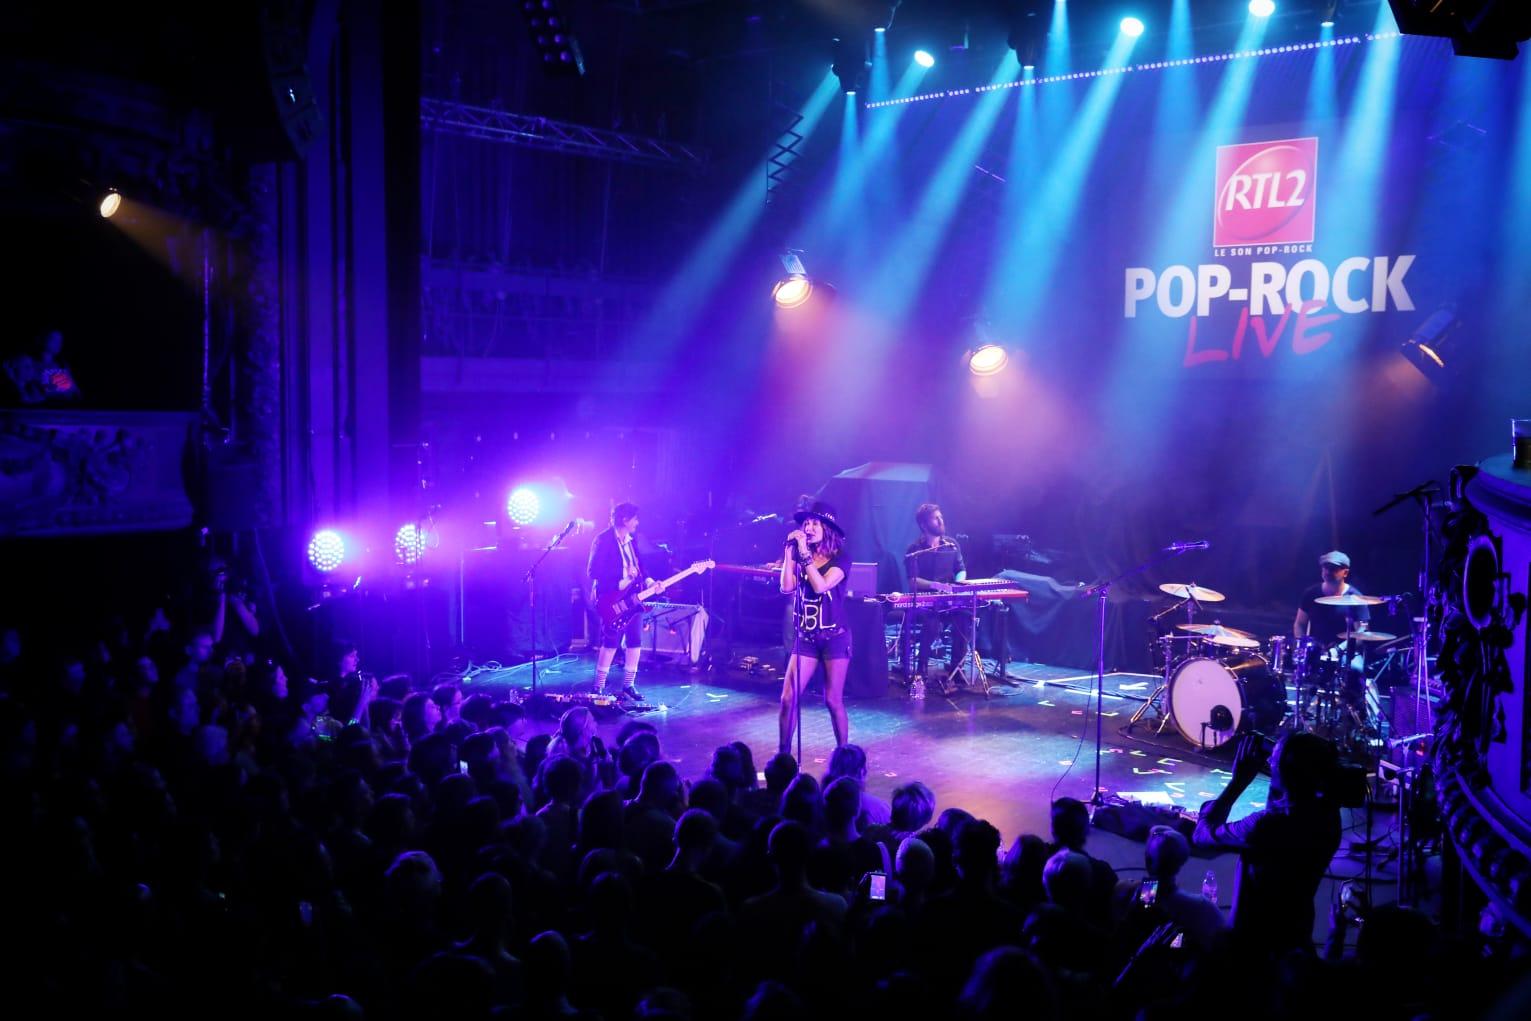 RTL2 Pop-Rock Live au Trianon : Zazie